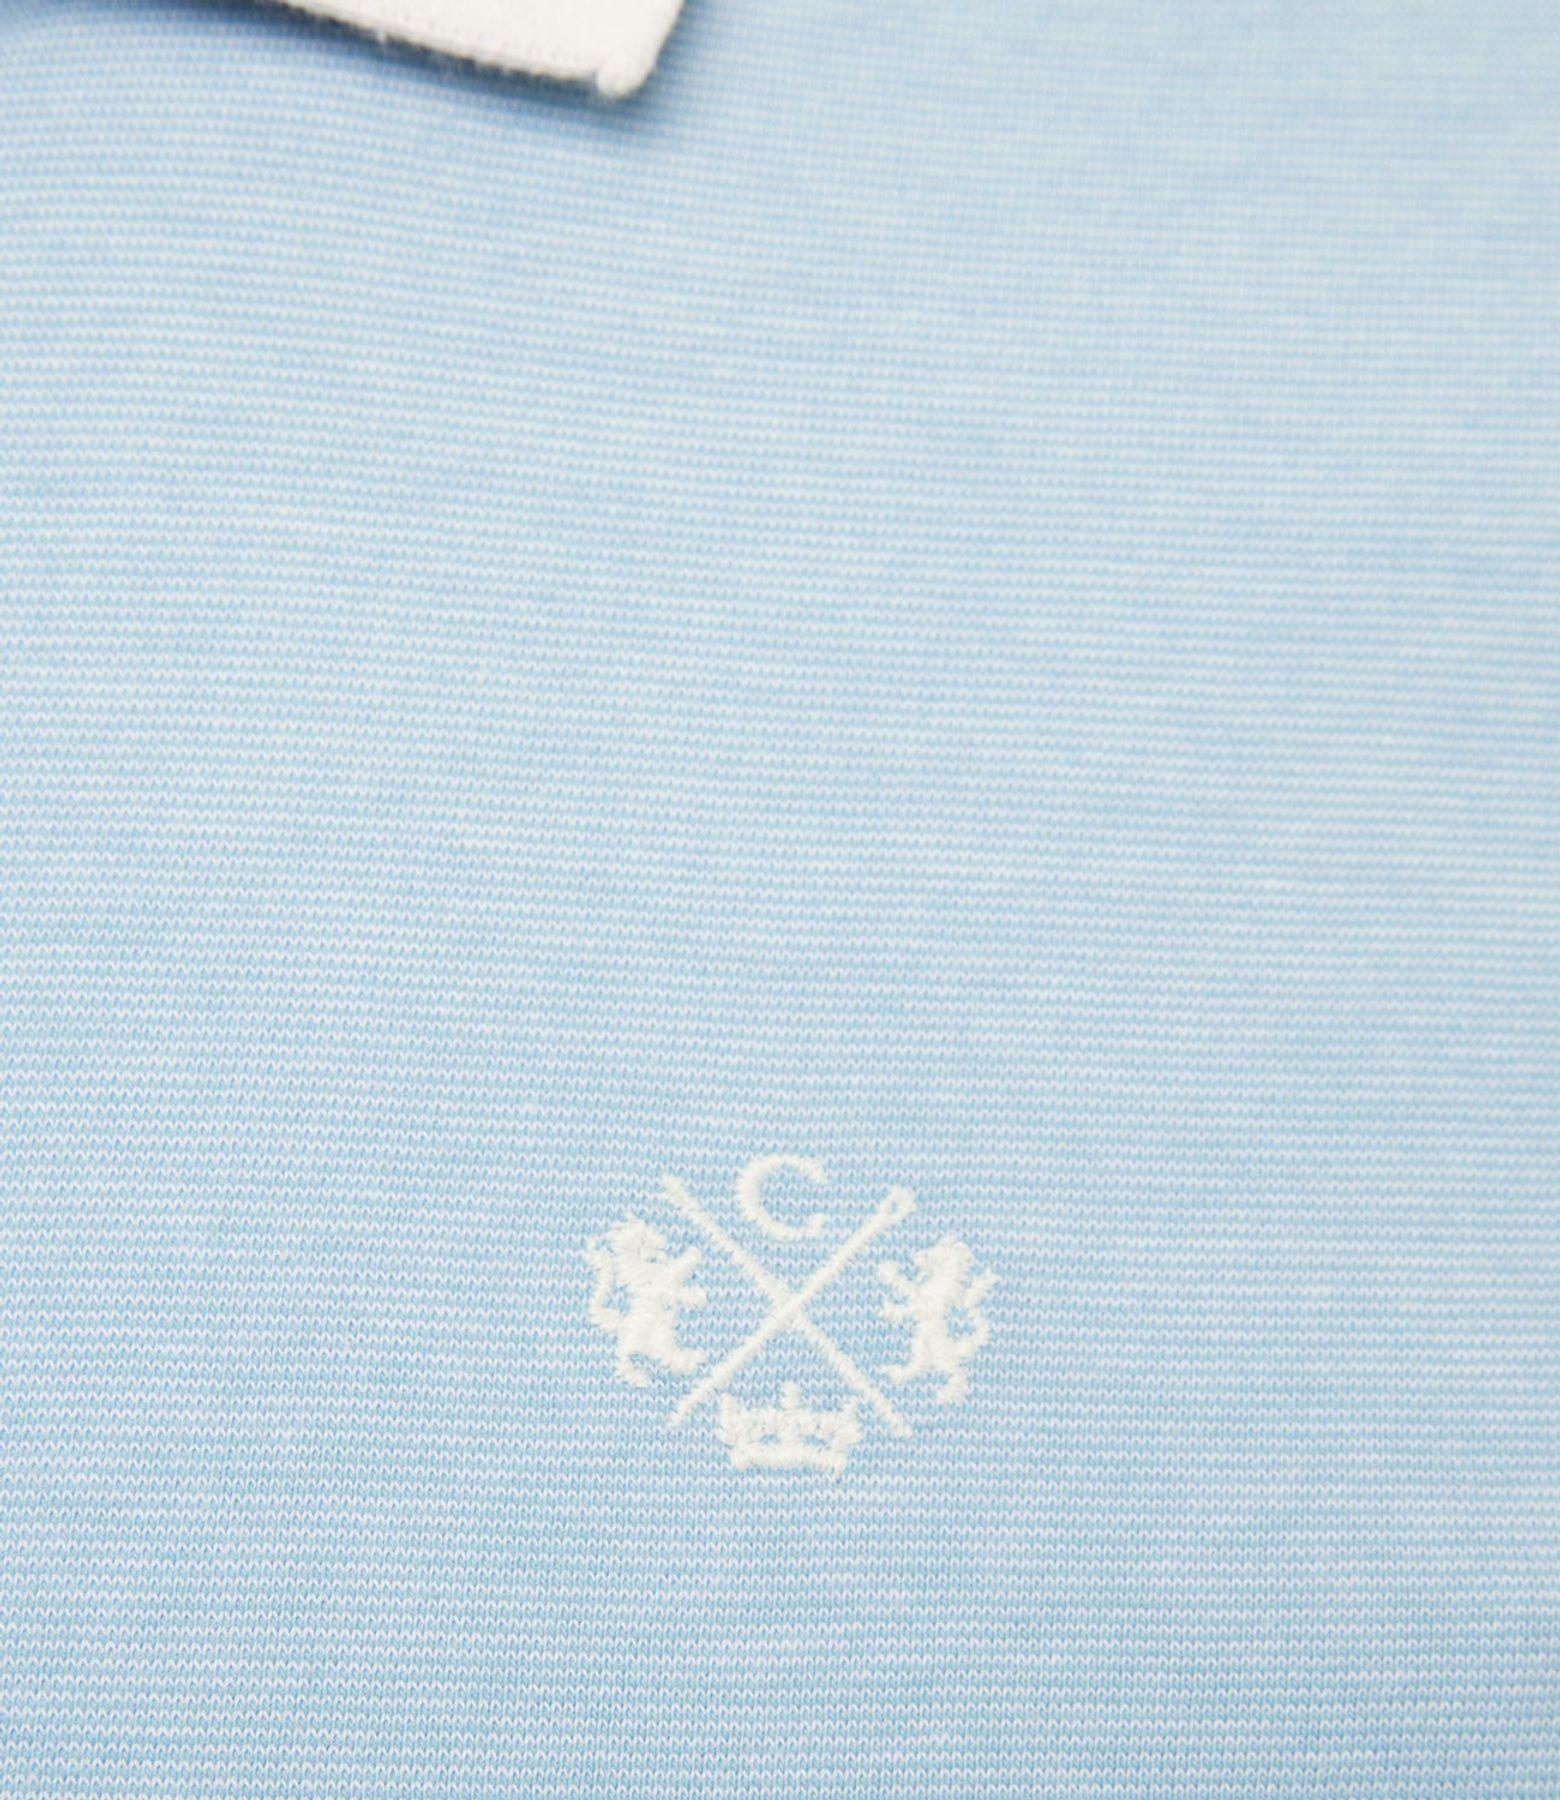 Camp David - Herren Polo-shirt in verschiedenen Farben, (CHS-1804-3027)  – Bild 11